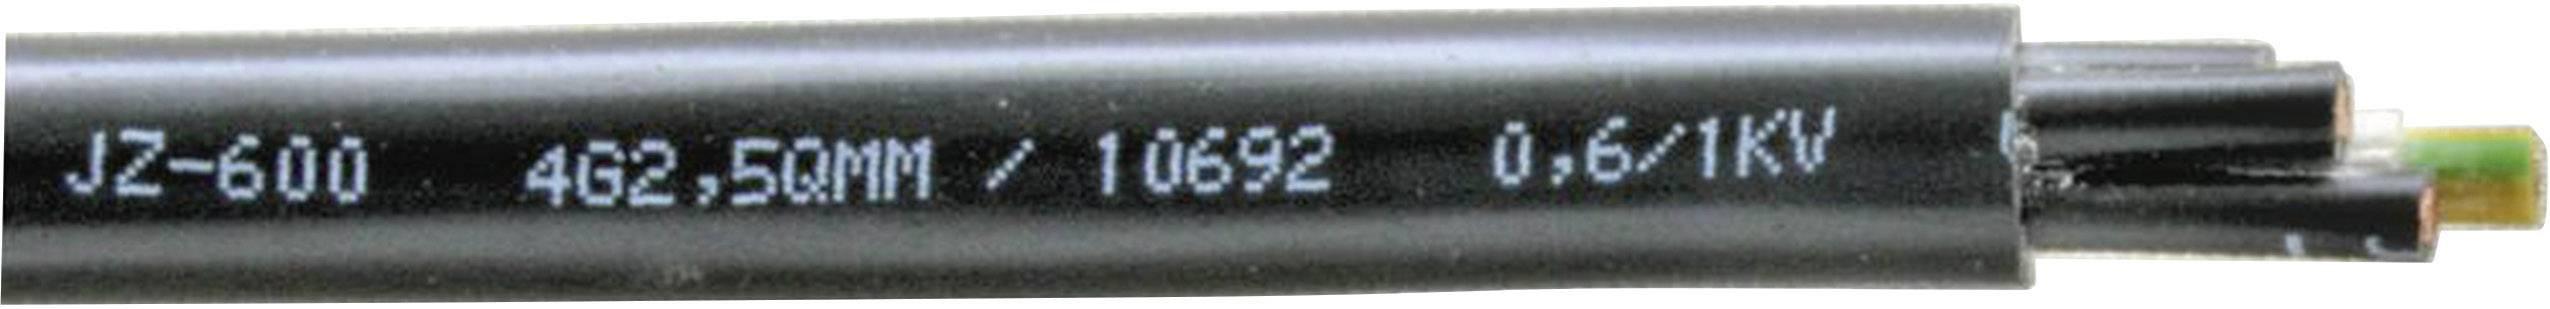 Riadiaci kábel Faber Kabel YSLY-OZ 600 033580, 2 x 0.75 mm², vonkajší Ø 8.30 mm, 1000 V, metrový tovar, čierna